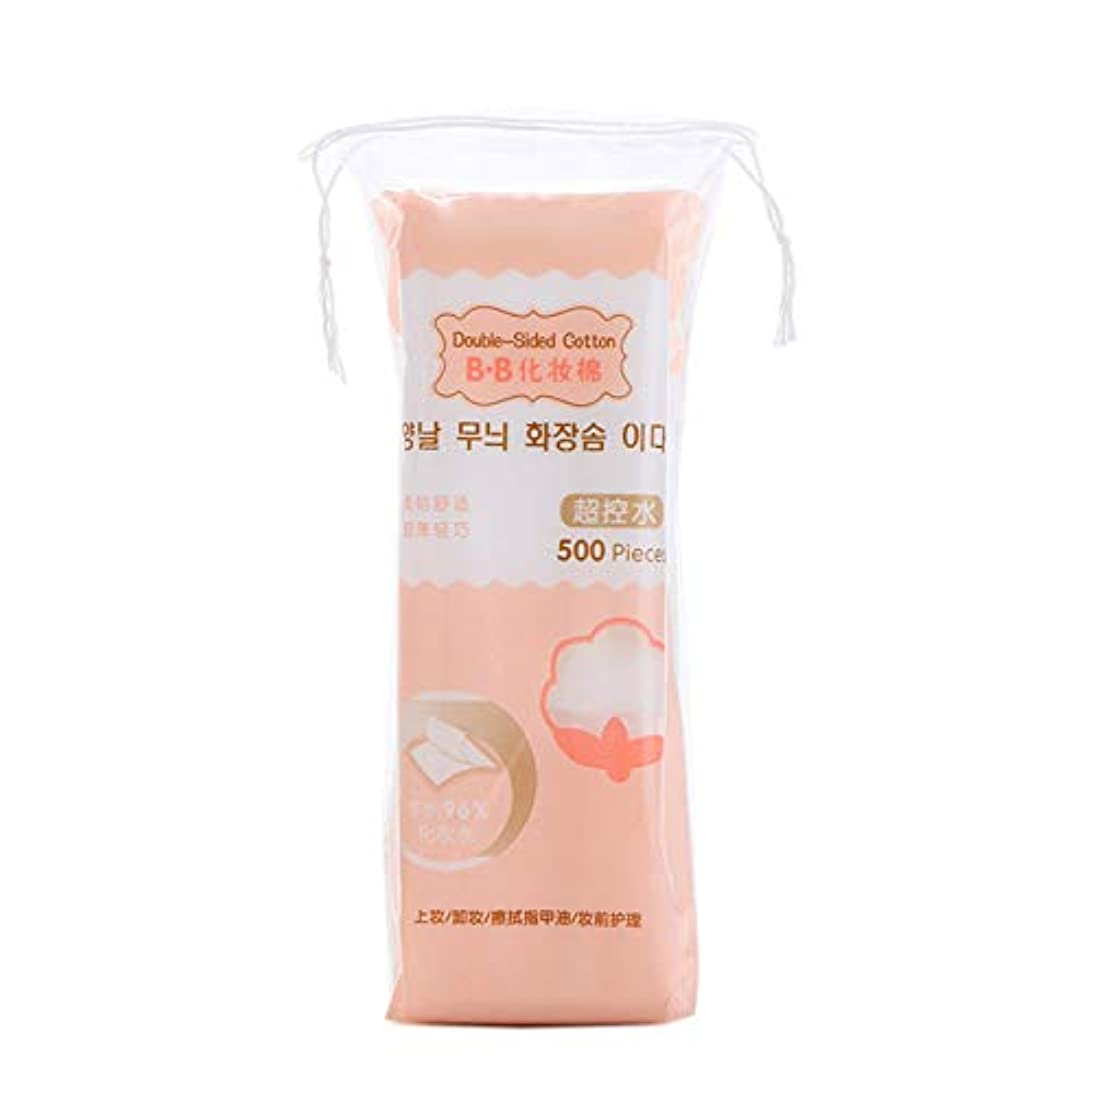 歯褒賞申し立てTOOGOO 500ピース/バッグ 韓国フェイシャルオーガニックコットンパッドフェイシャルクリーニングネイルポリッシュリムーバー化粧品ティッシュメイクアップ美容スキンケアツール